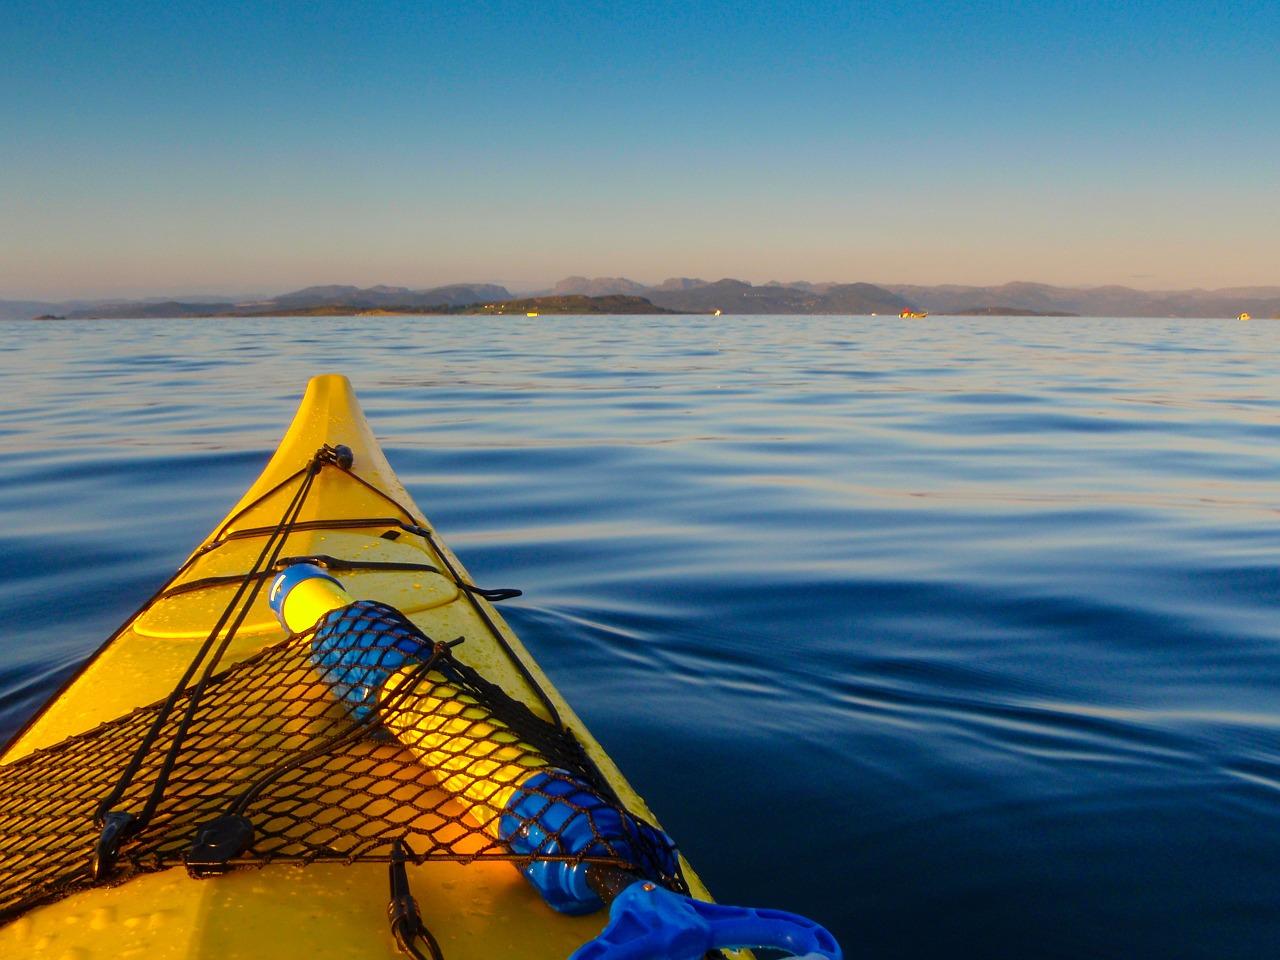 yellow kayak and sea